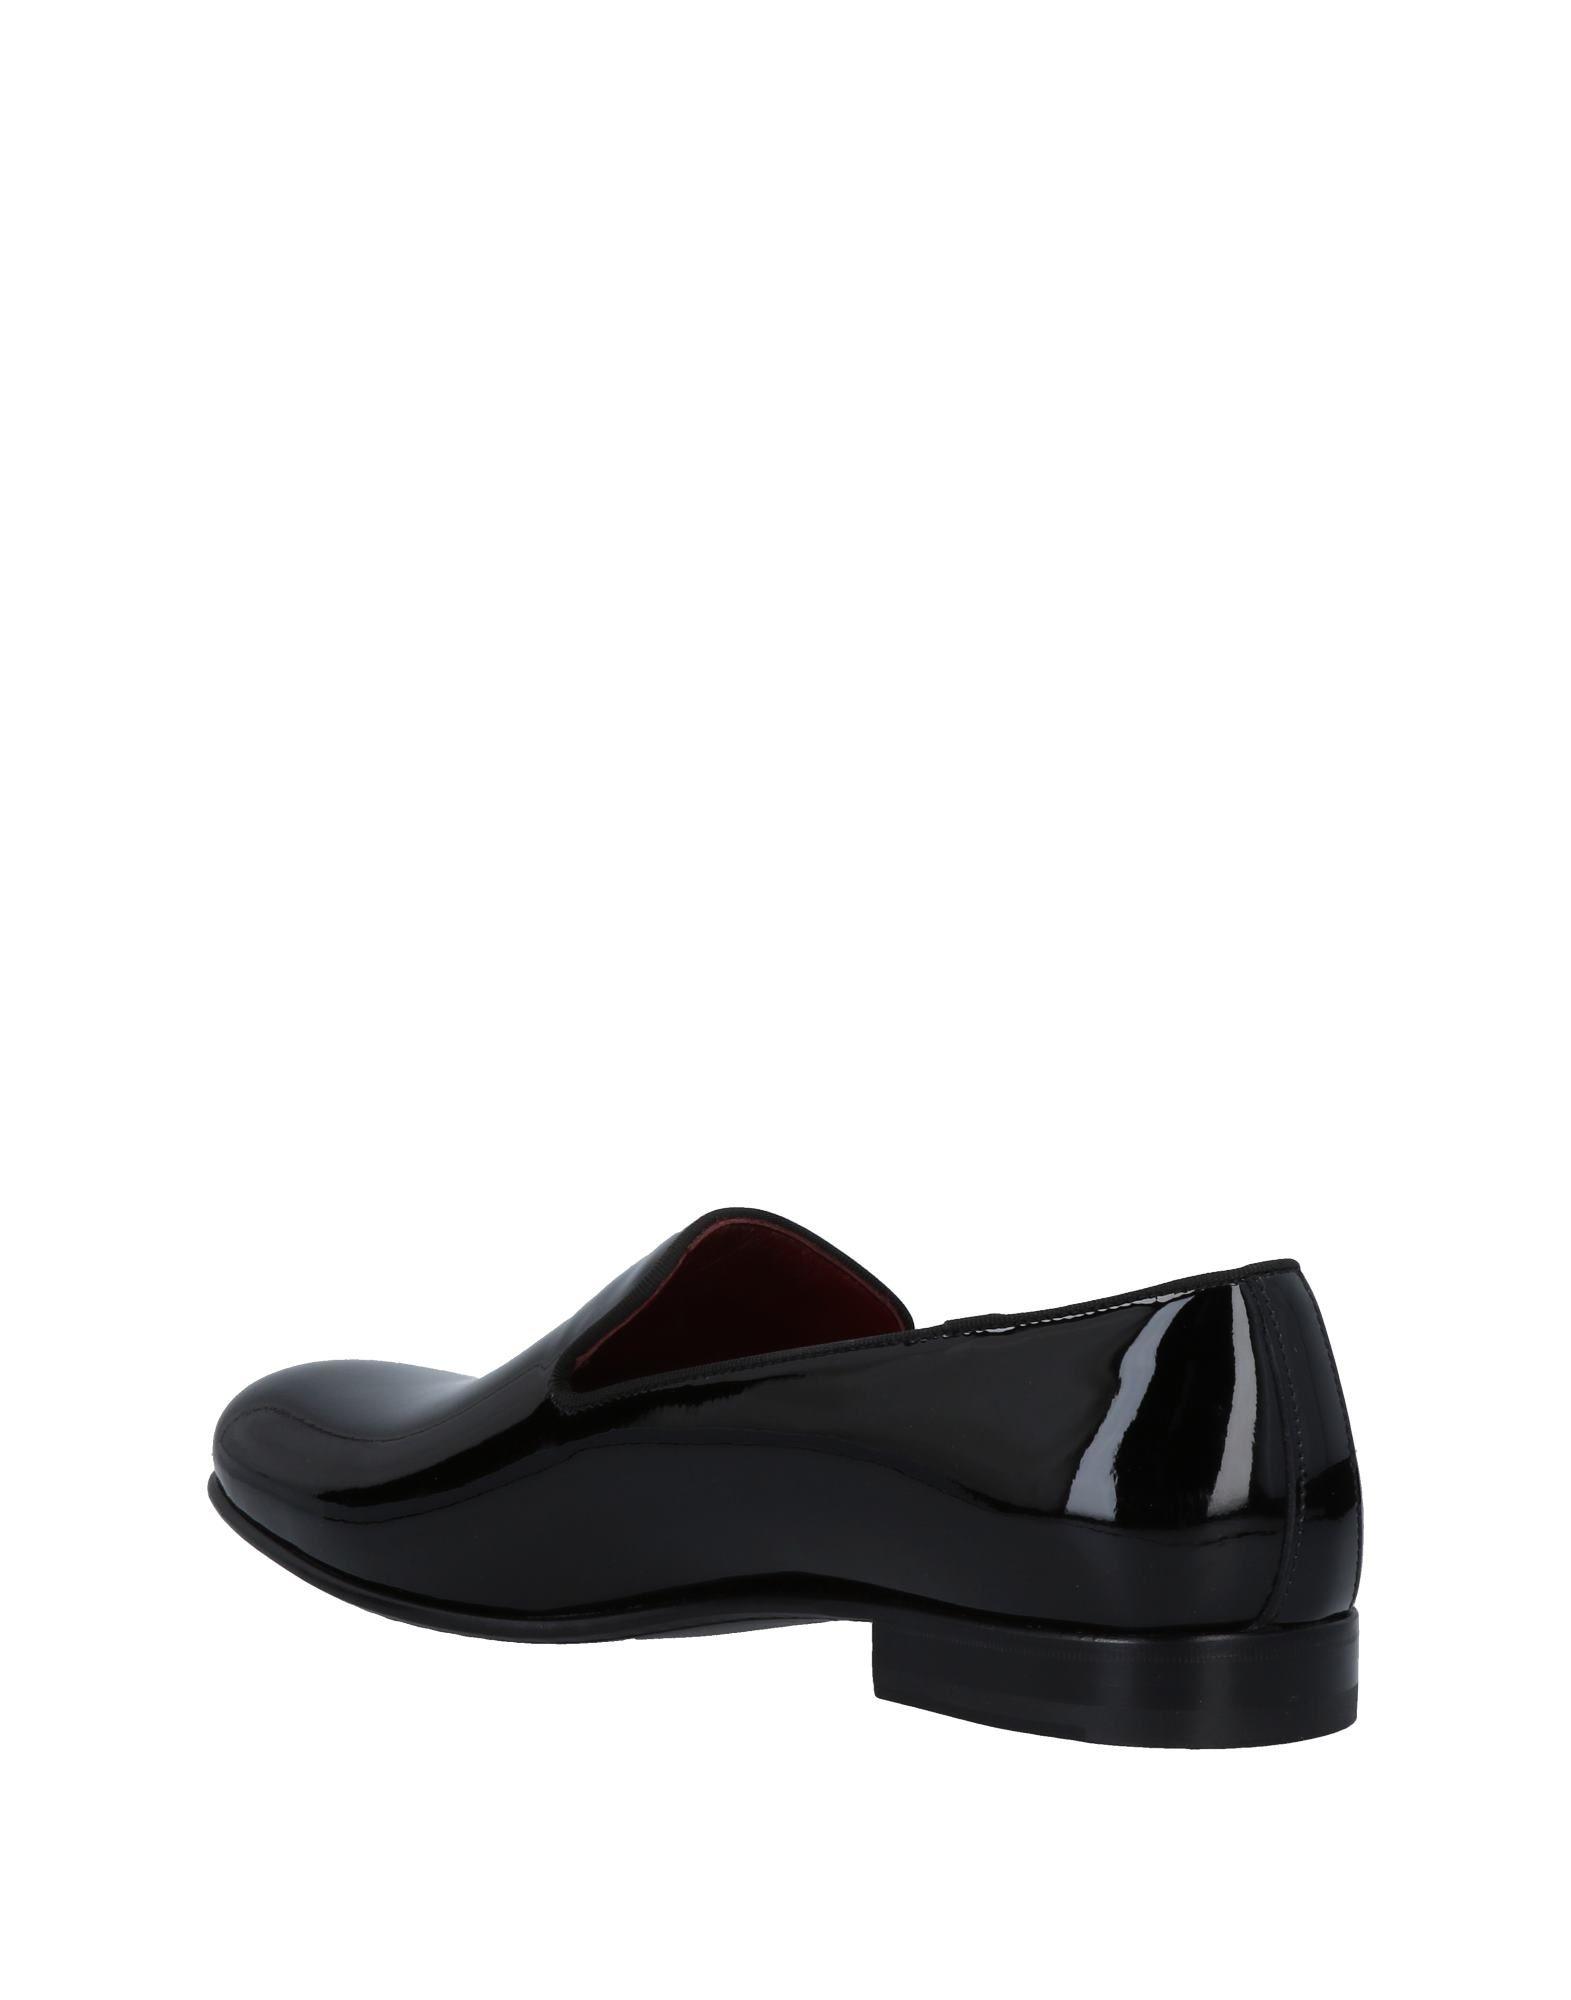 Bruno Magli Gute Mokassins Herren  11490693TB Gute Magli Qualität beliebte Schuhe 488c85